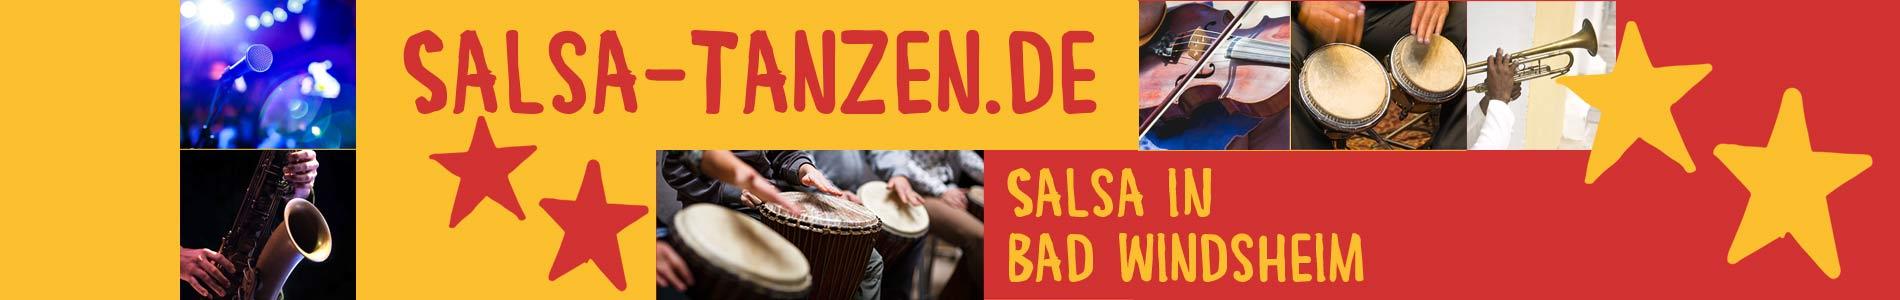 Salsa in Bad Windsheim – Salsa lernen und tanzen, Tanzkurse, Partys, Veranstaltungen